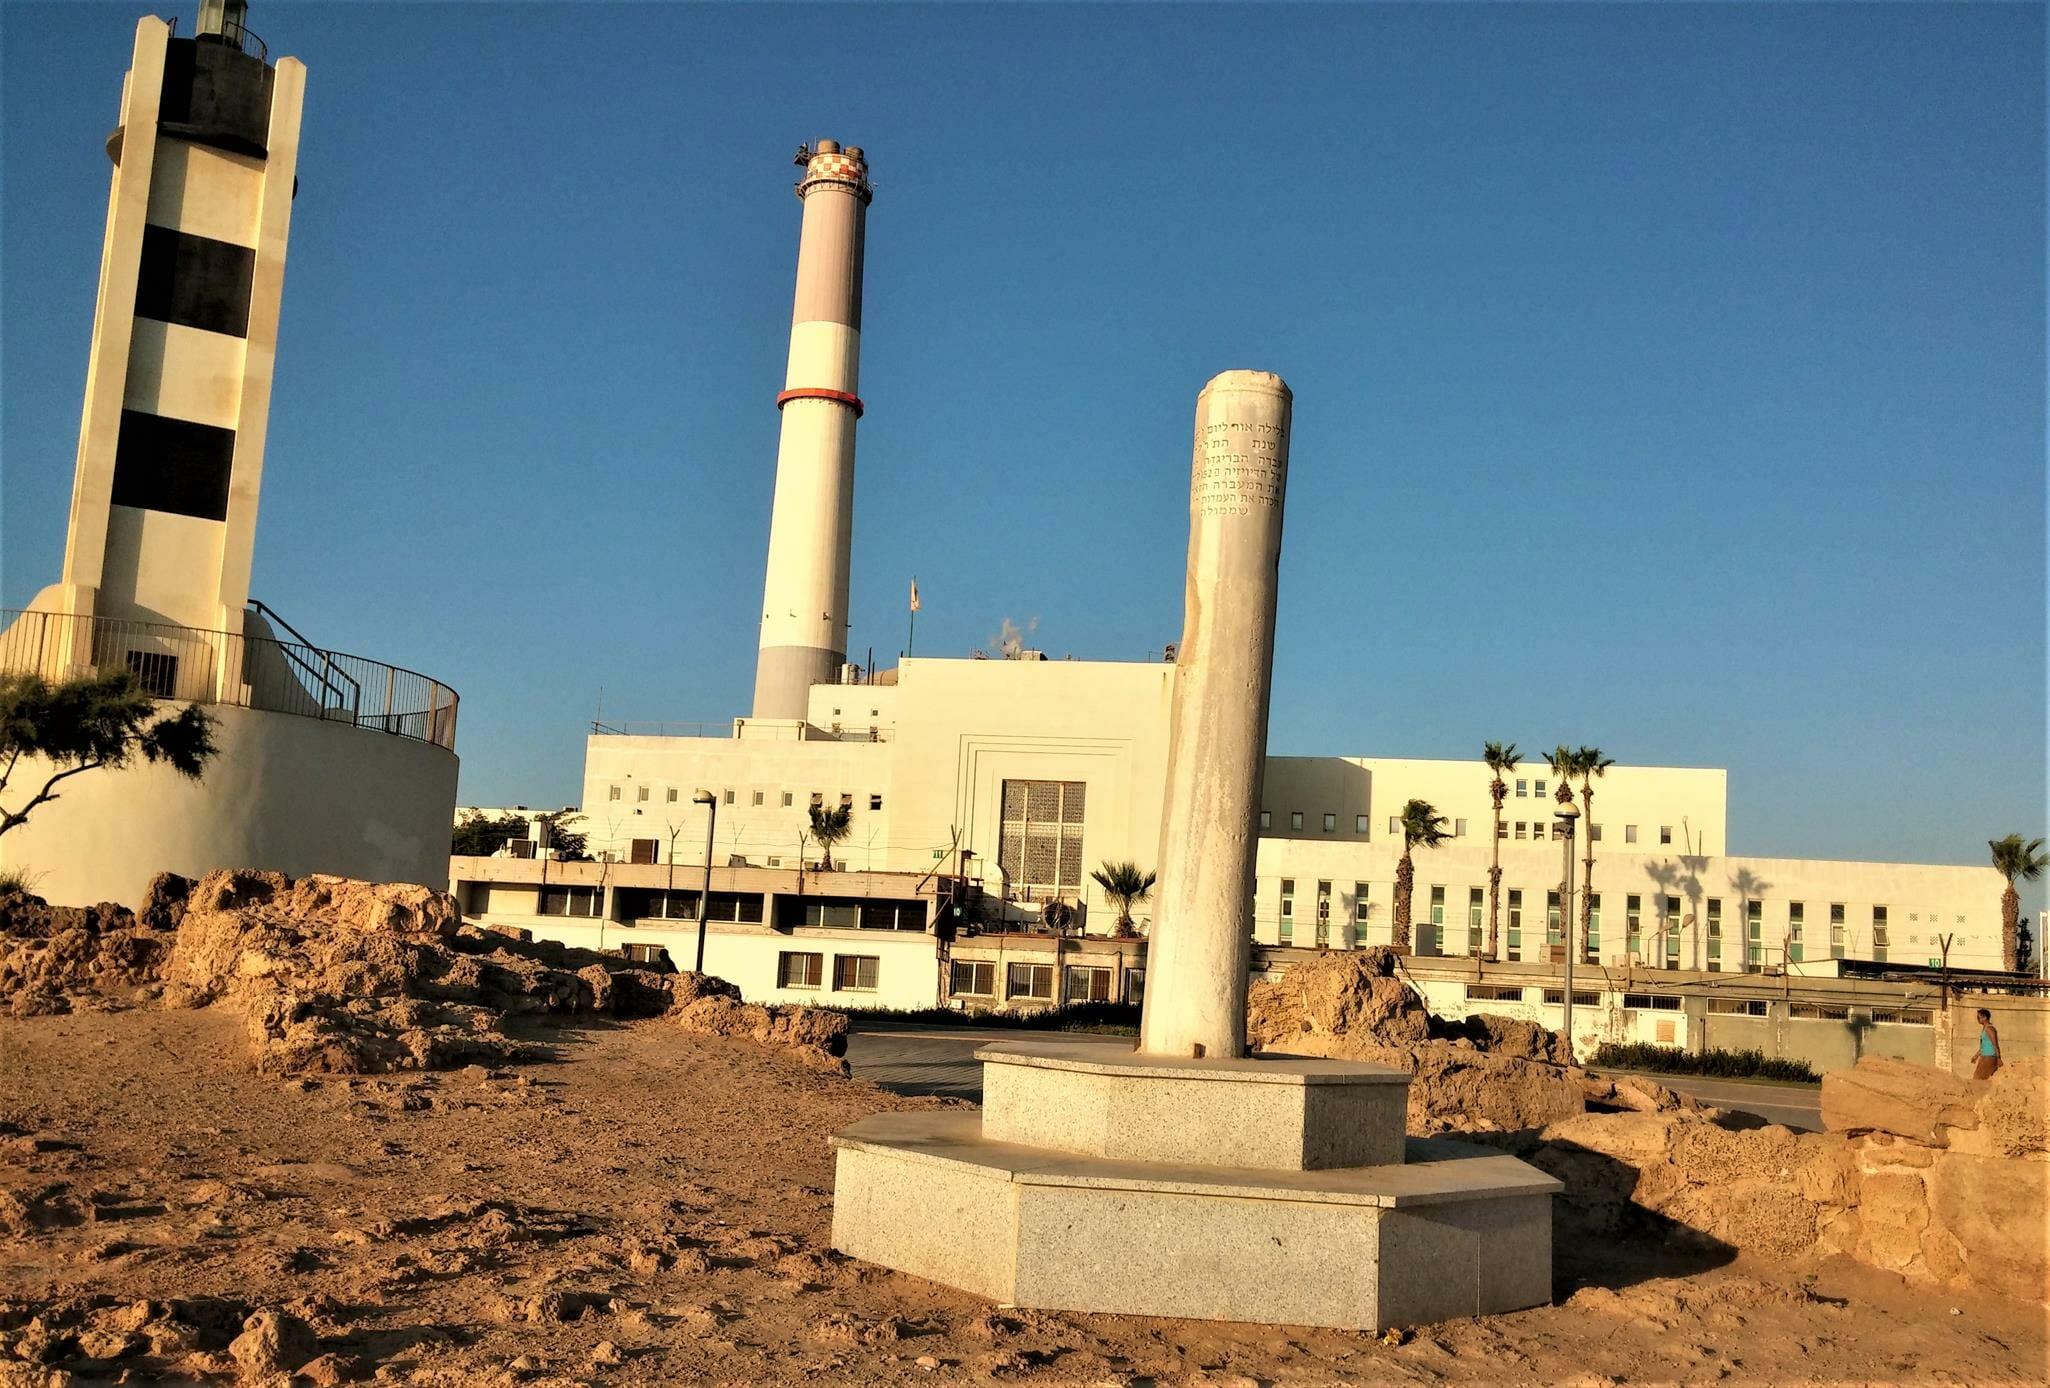 """מגדלור שפך הירקון נמל תל אביב, צילום: ד""""ר ענת אביטל"""